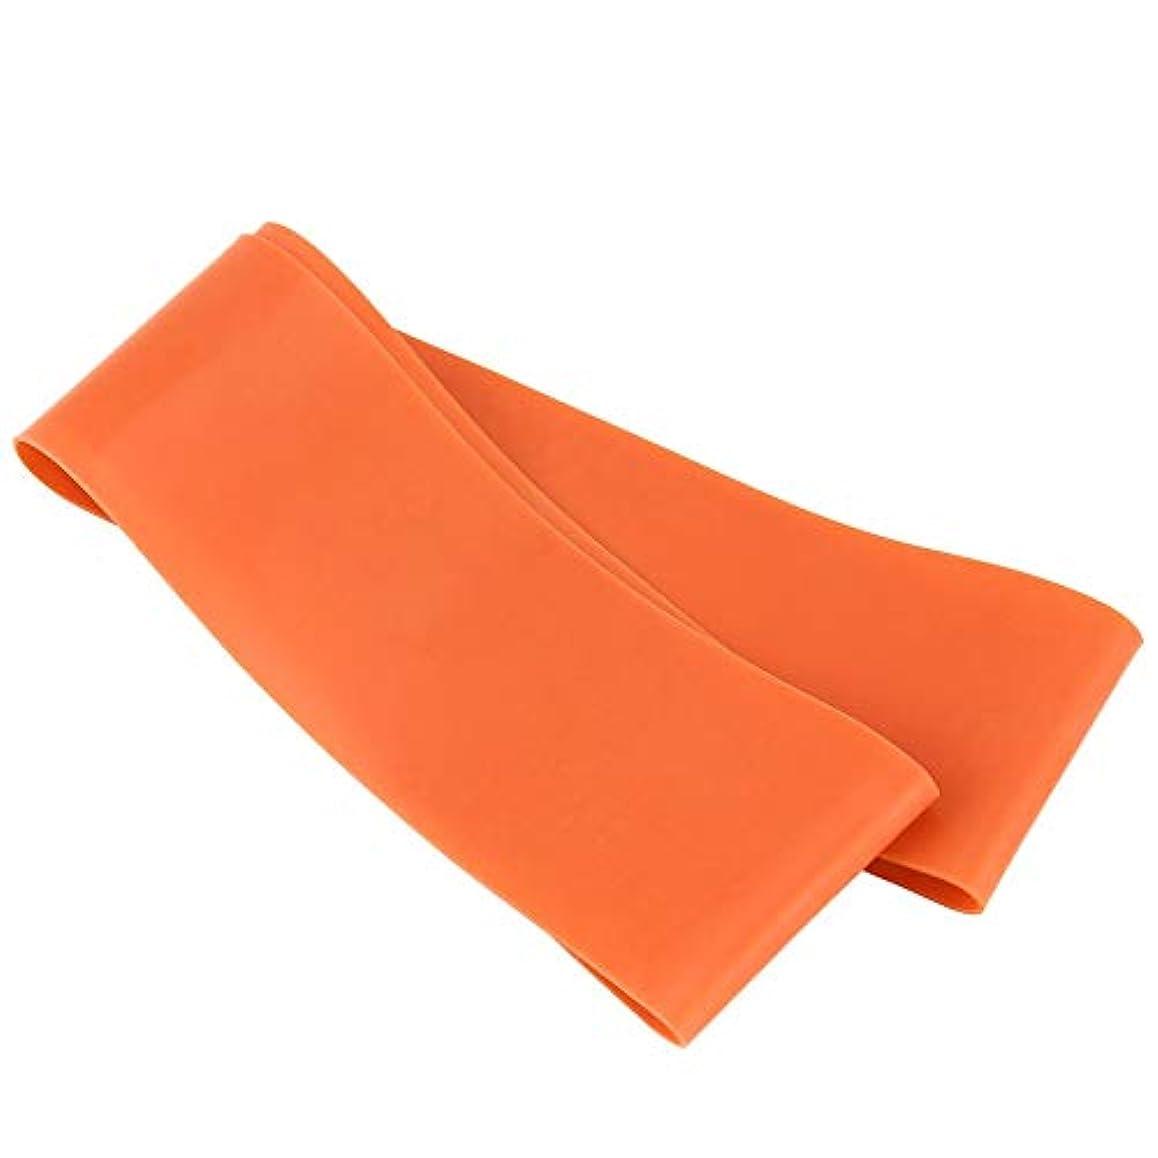 パイロットトークンスラッシュ滑り止めの伸縮性のあるゴム製伸縮性がある伸縮性があるヨガベルトバンド引きロープの張力抵抗バンドループ強度のためのフィットネスヨガツール - オレンジ